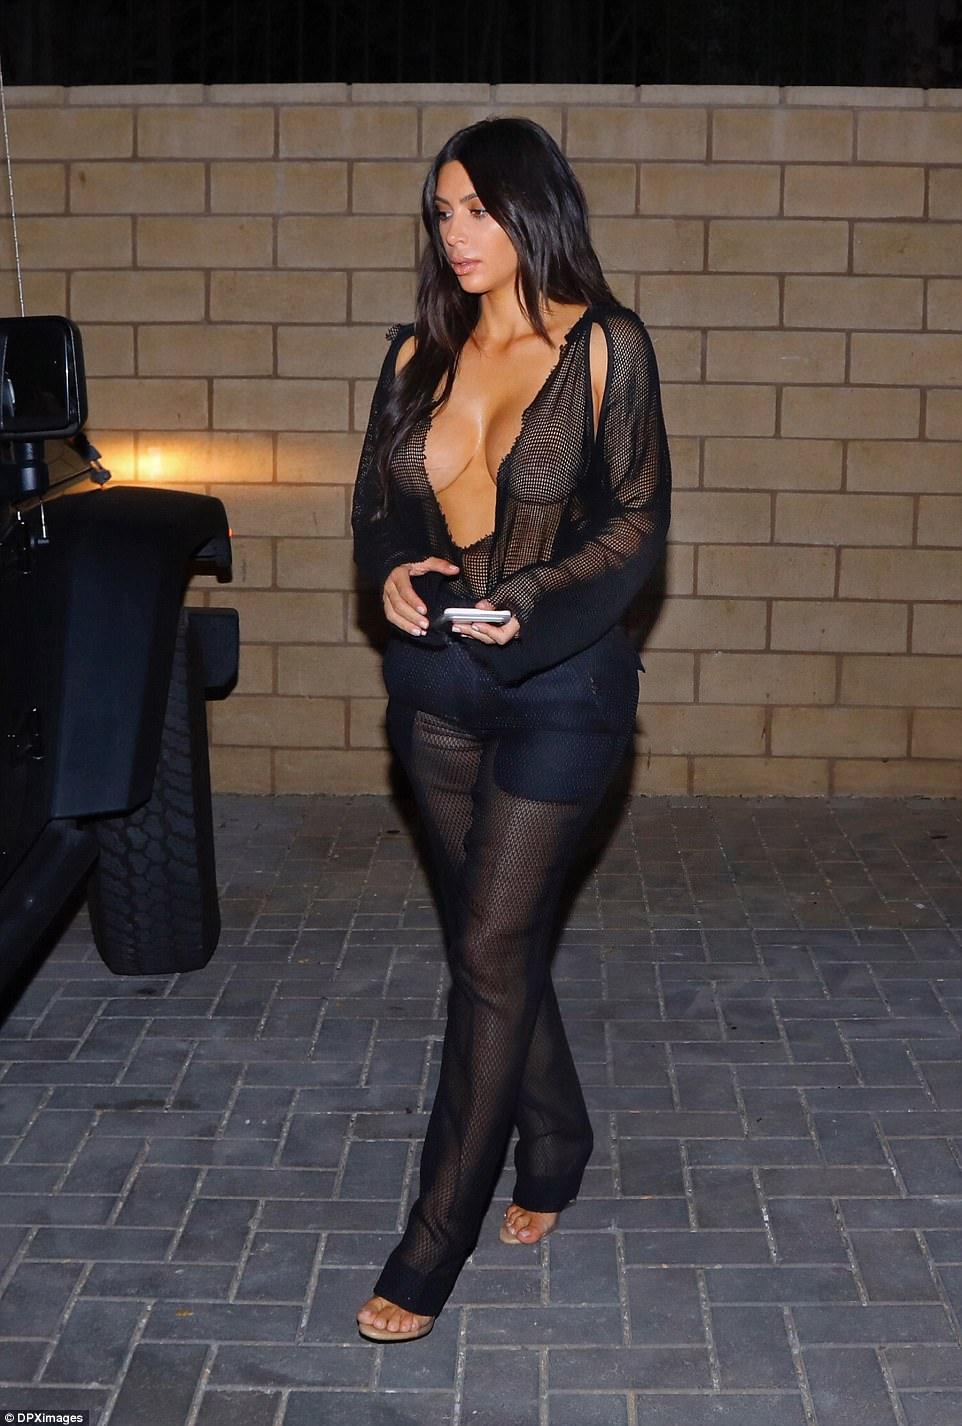 Kim Kardashian Date Night naked dress